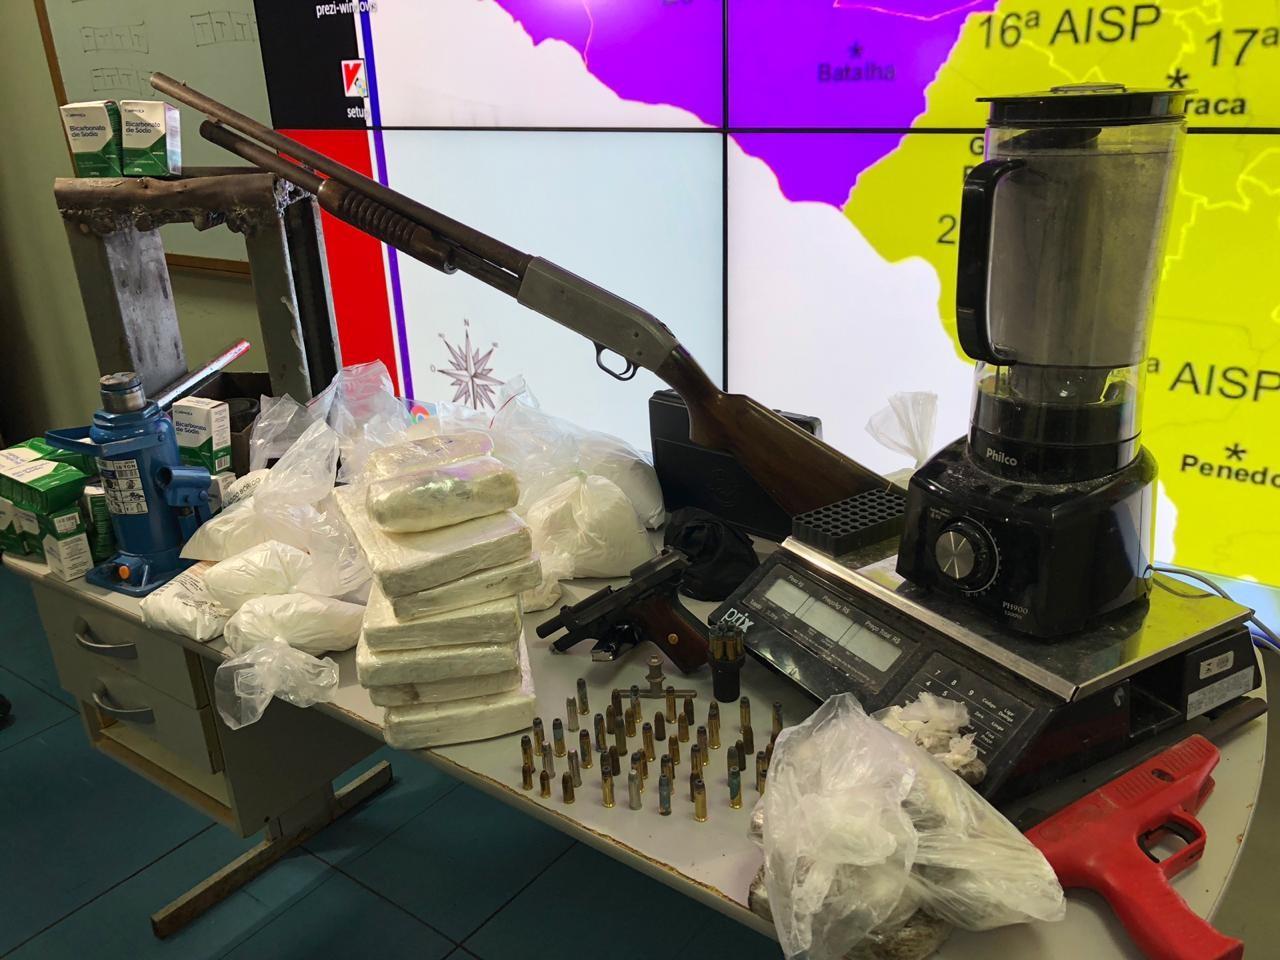 Operação desmonta laboratório de refino de cocaína em Rio Largo, AL - Notícias - Plantão Diário